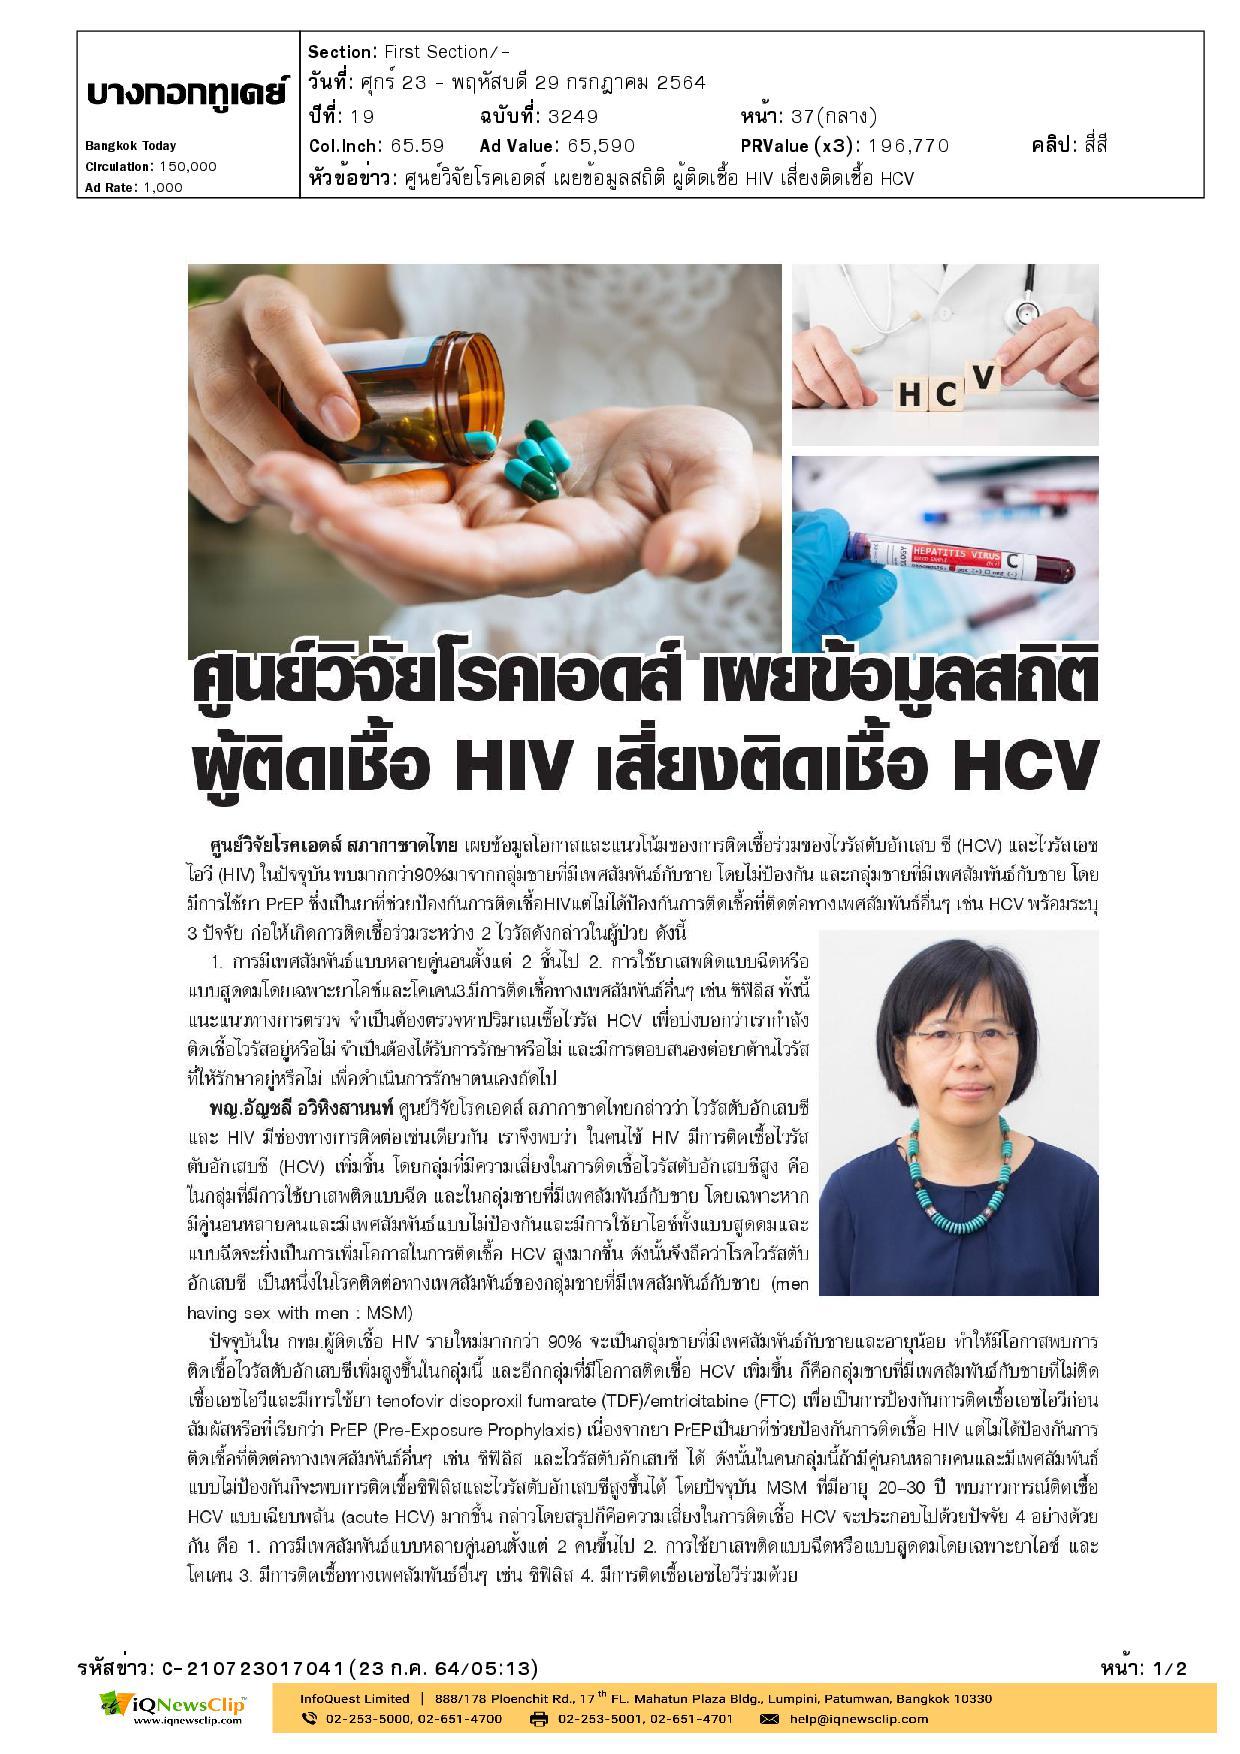 ศูนย์วิจัยโรคเอดส์ เผยข้อมูลสถิติผู้ติดเชื้อ HIV เสี่ยงติดเชื้อ HCV